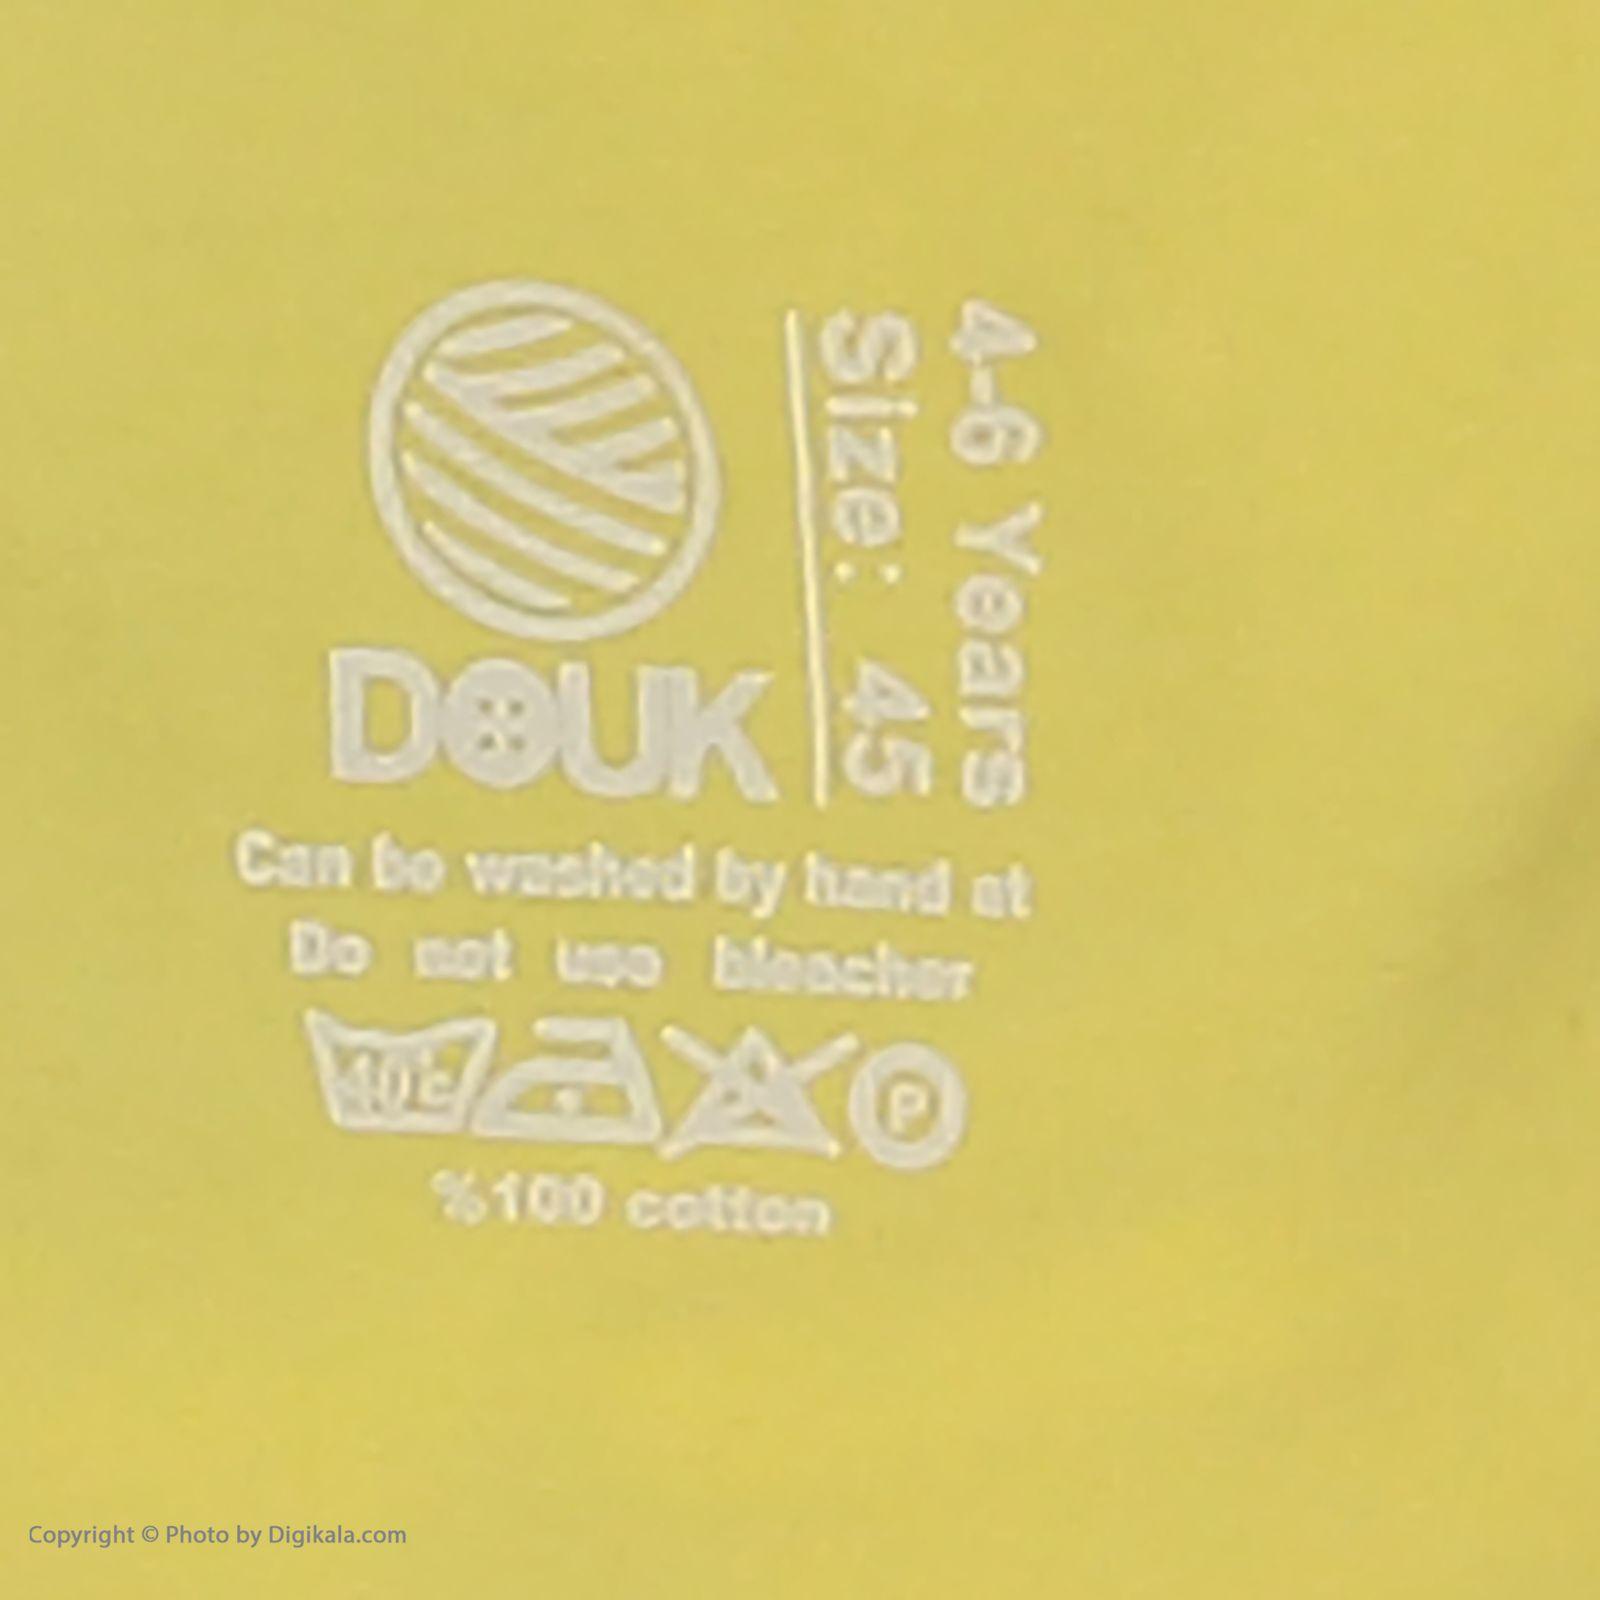 تی شرت دخترانه سون پون مدل 1391350-19 -  - 6